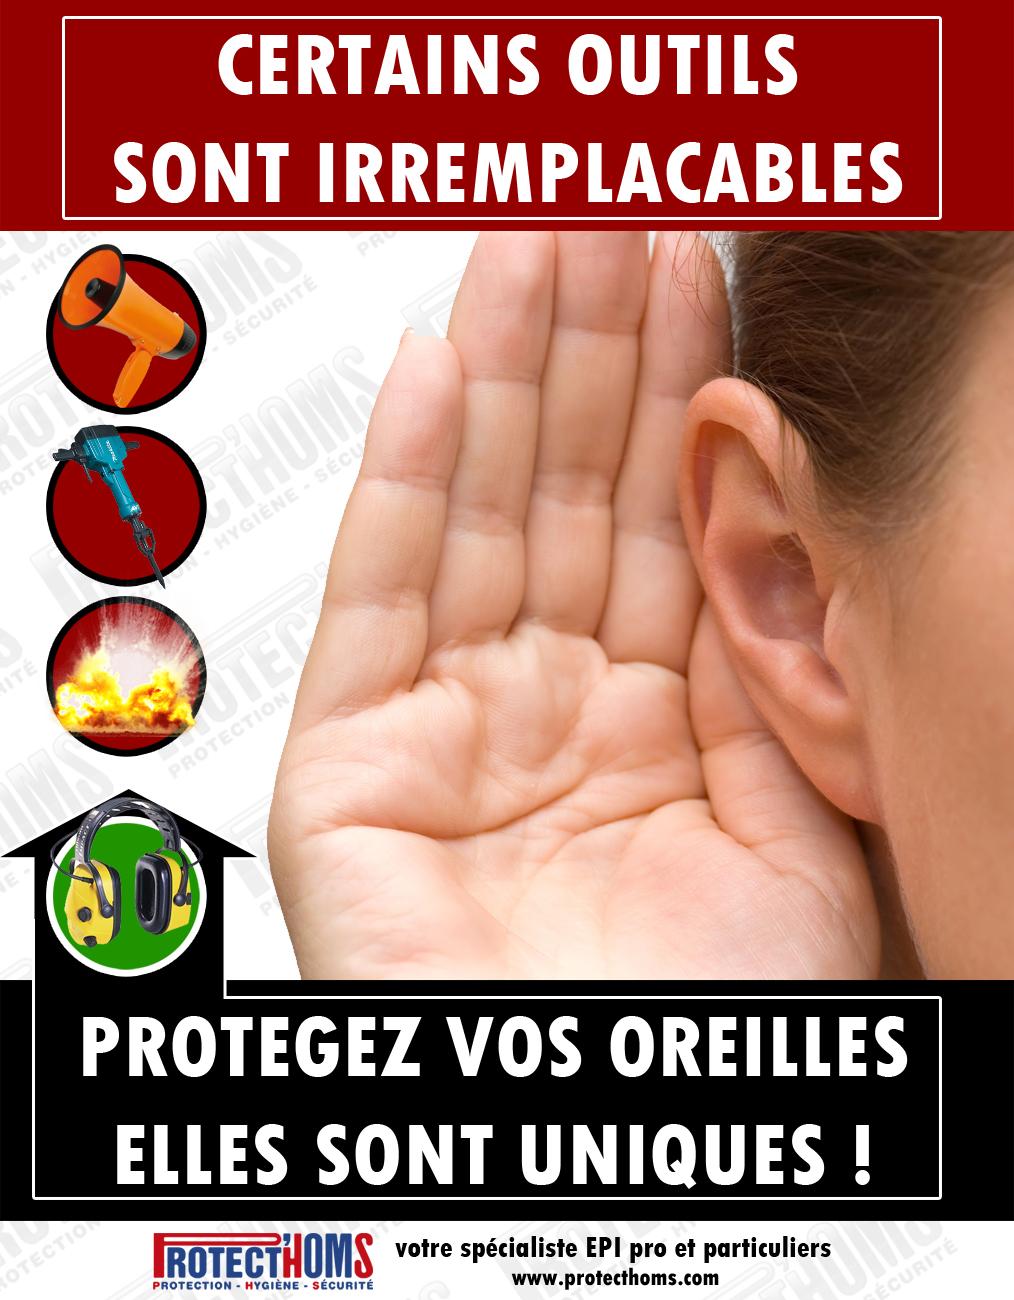 certains-outils-sont-irremplacables-protegez-vos-oreilles-protecthoms